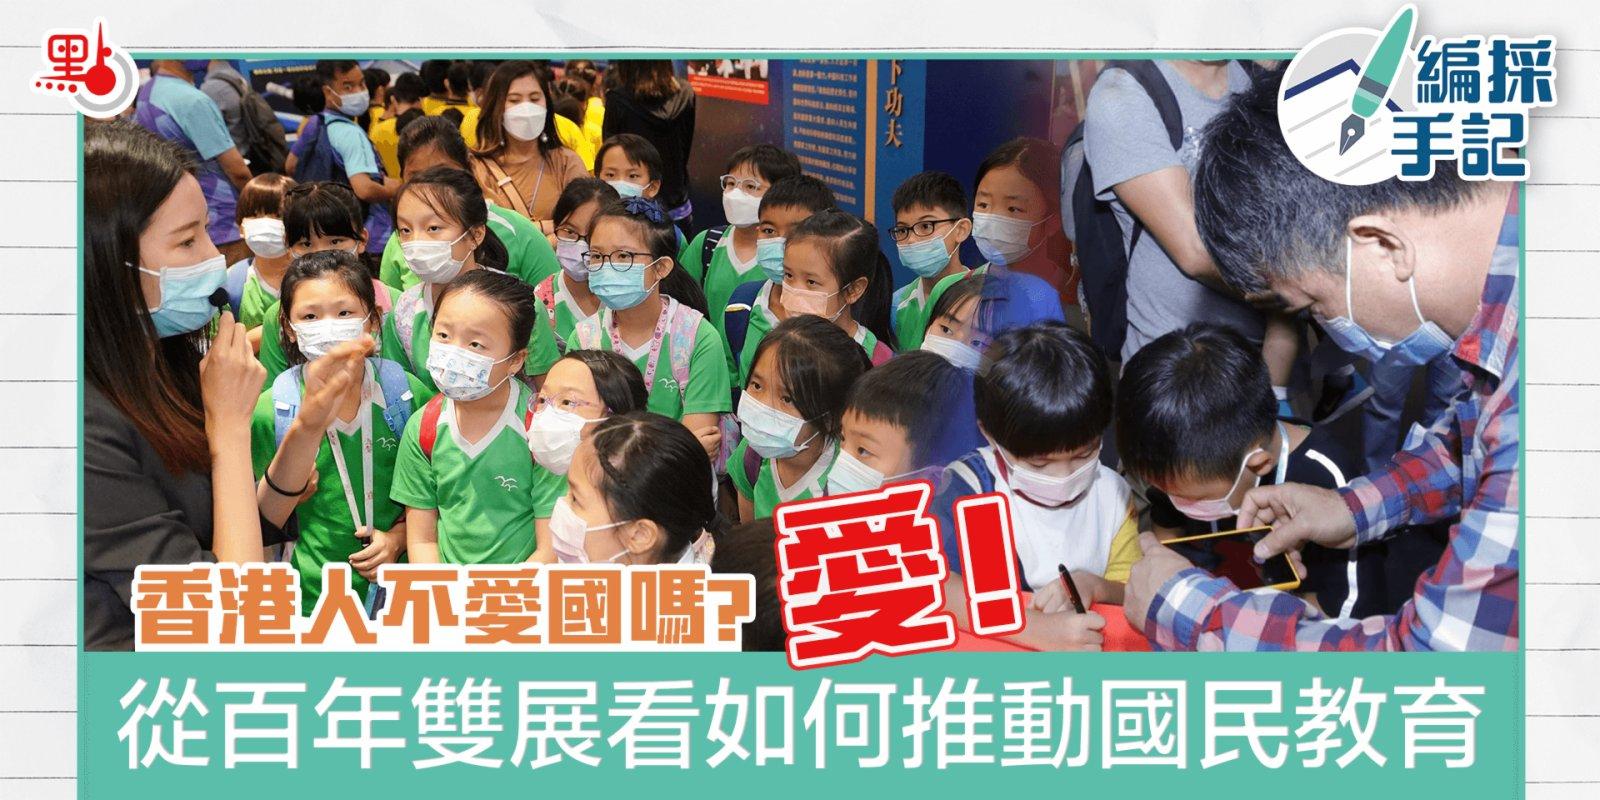 編採手記EP4 | 香港人不愛國嗎?愛! 從百年雙展看如何推動國民教育